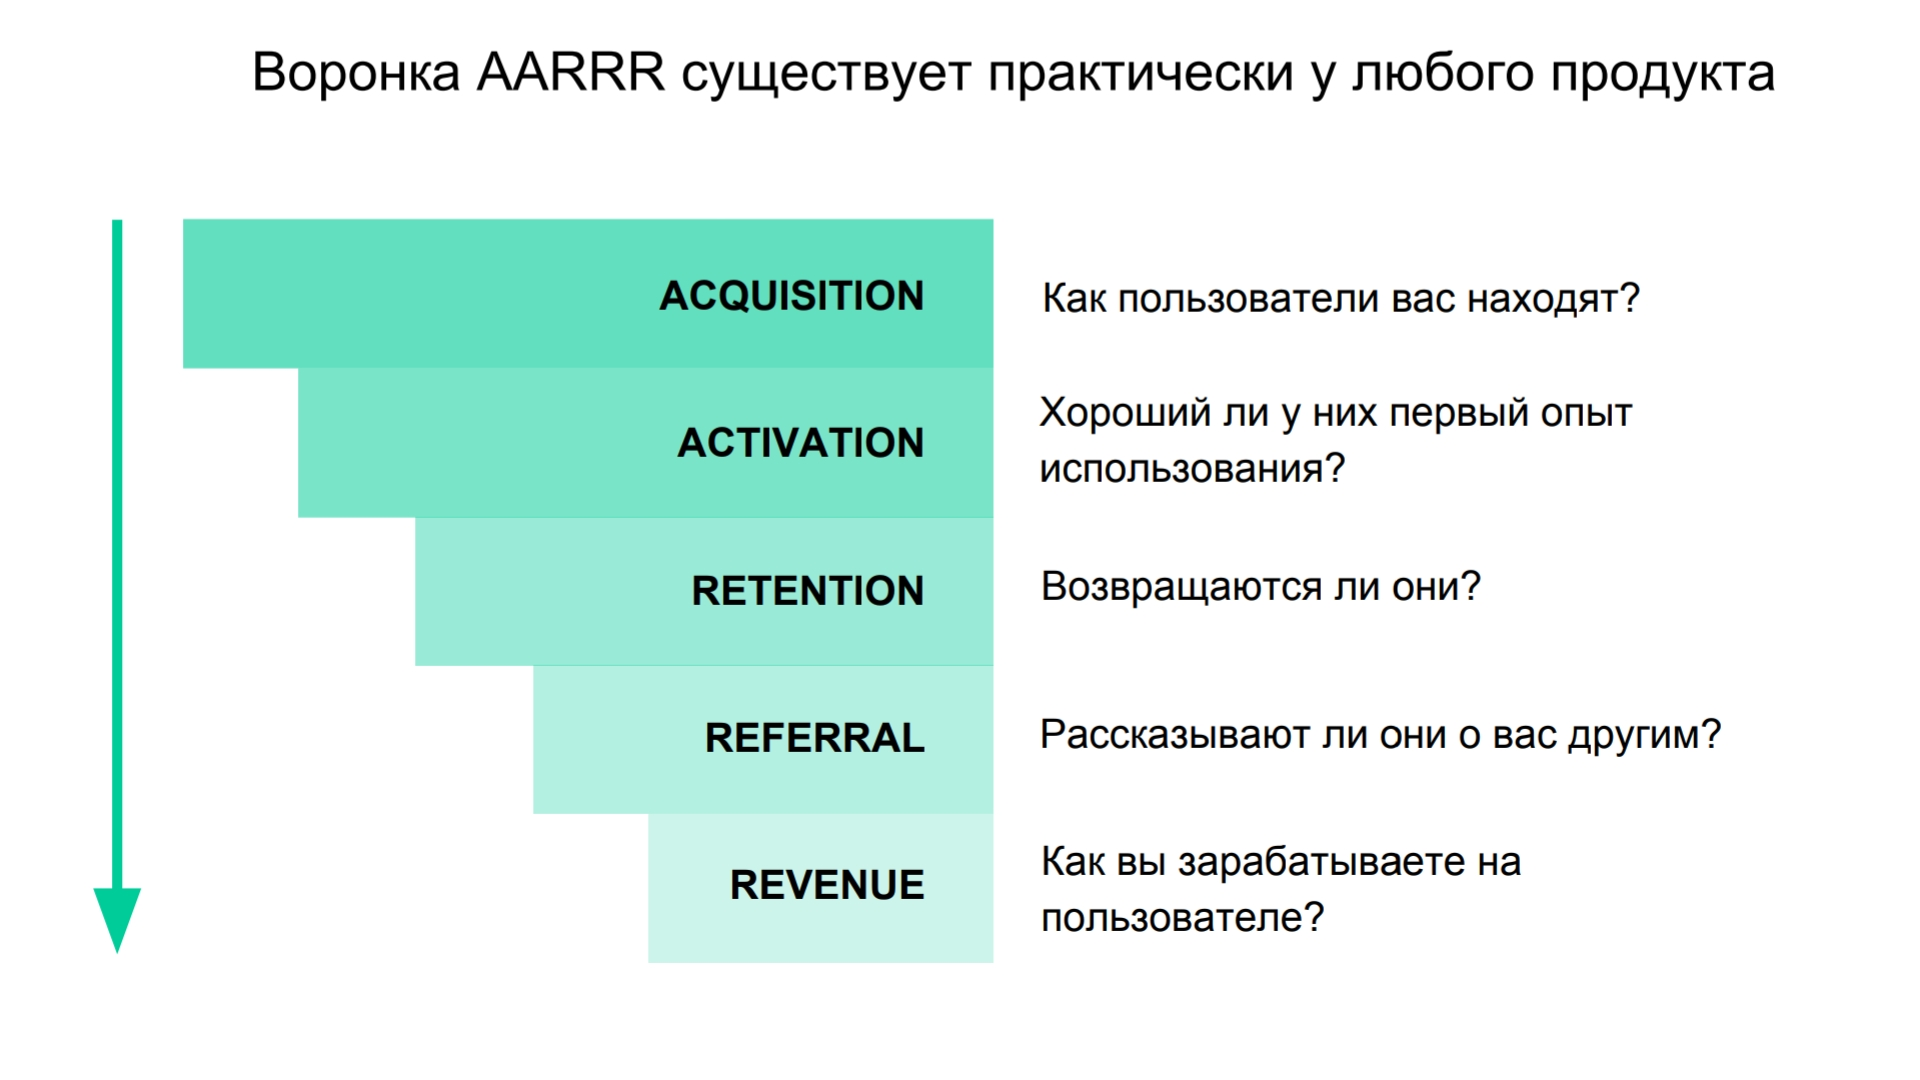 AARRR: пиратские метрики